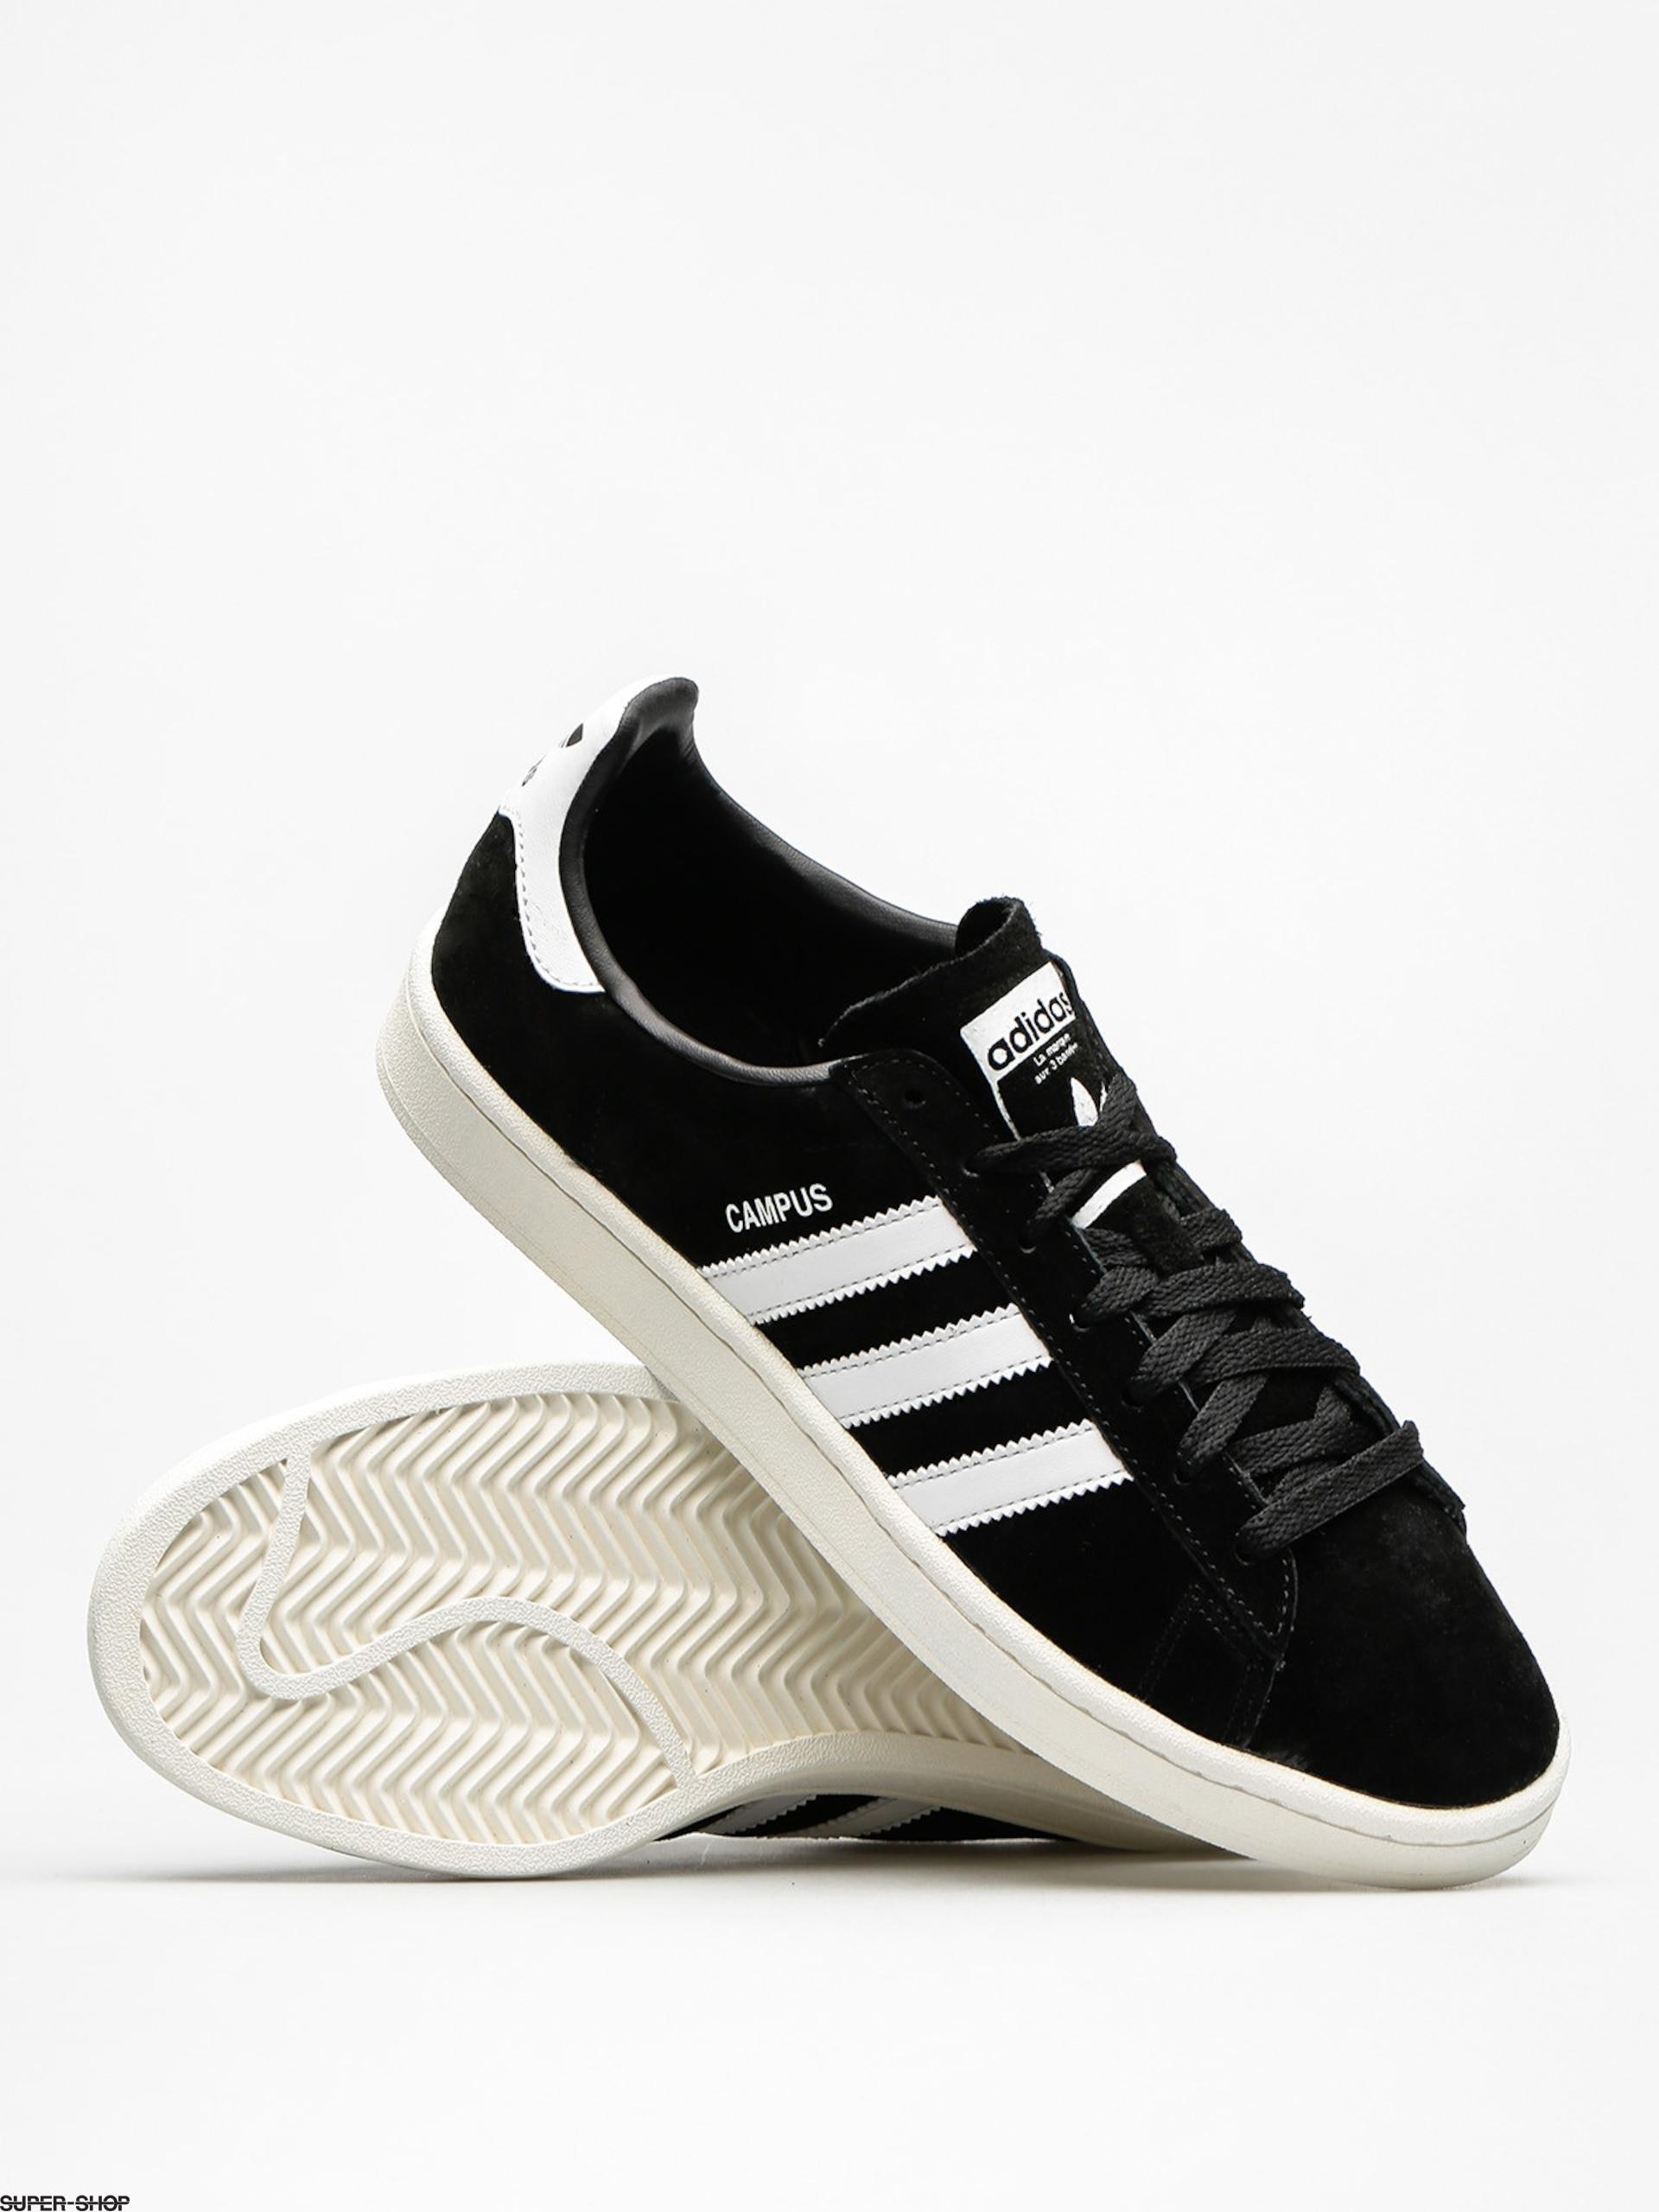 Acción de gracias Shipley máquina  adidas Campus Shoes (core black/ftwr white/chalk white)